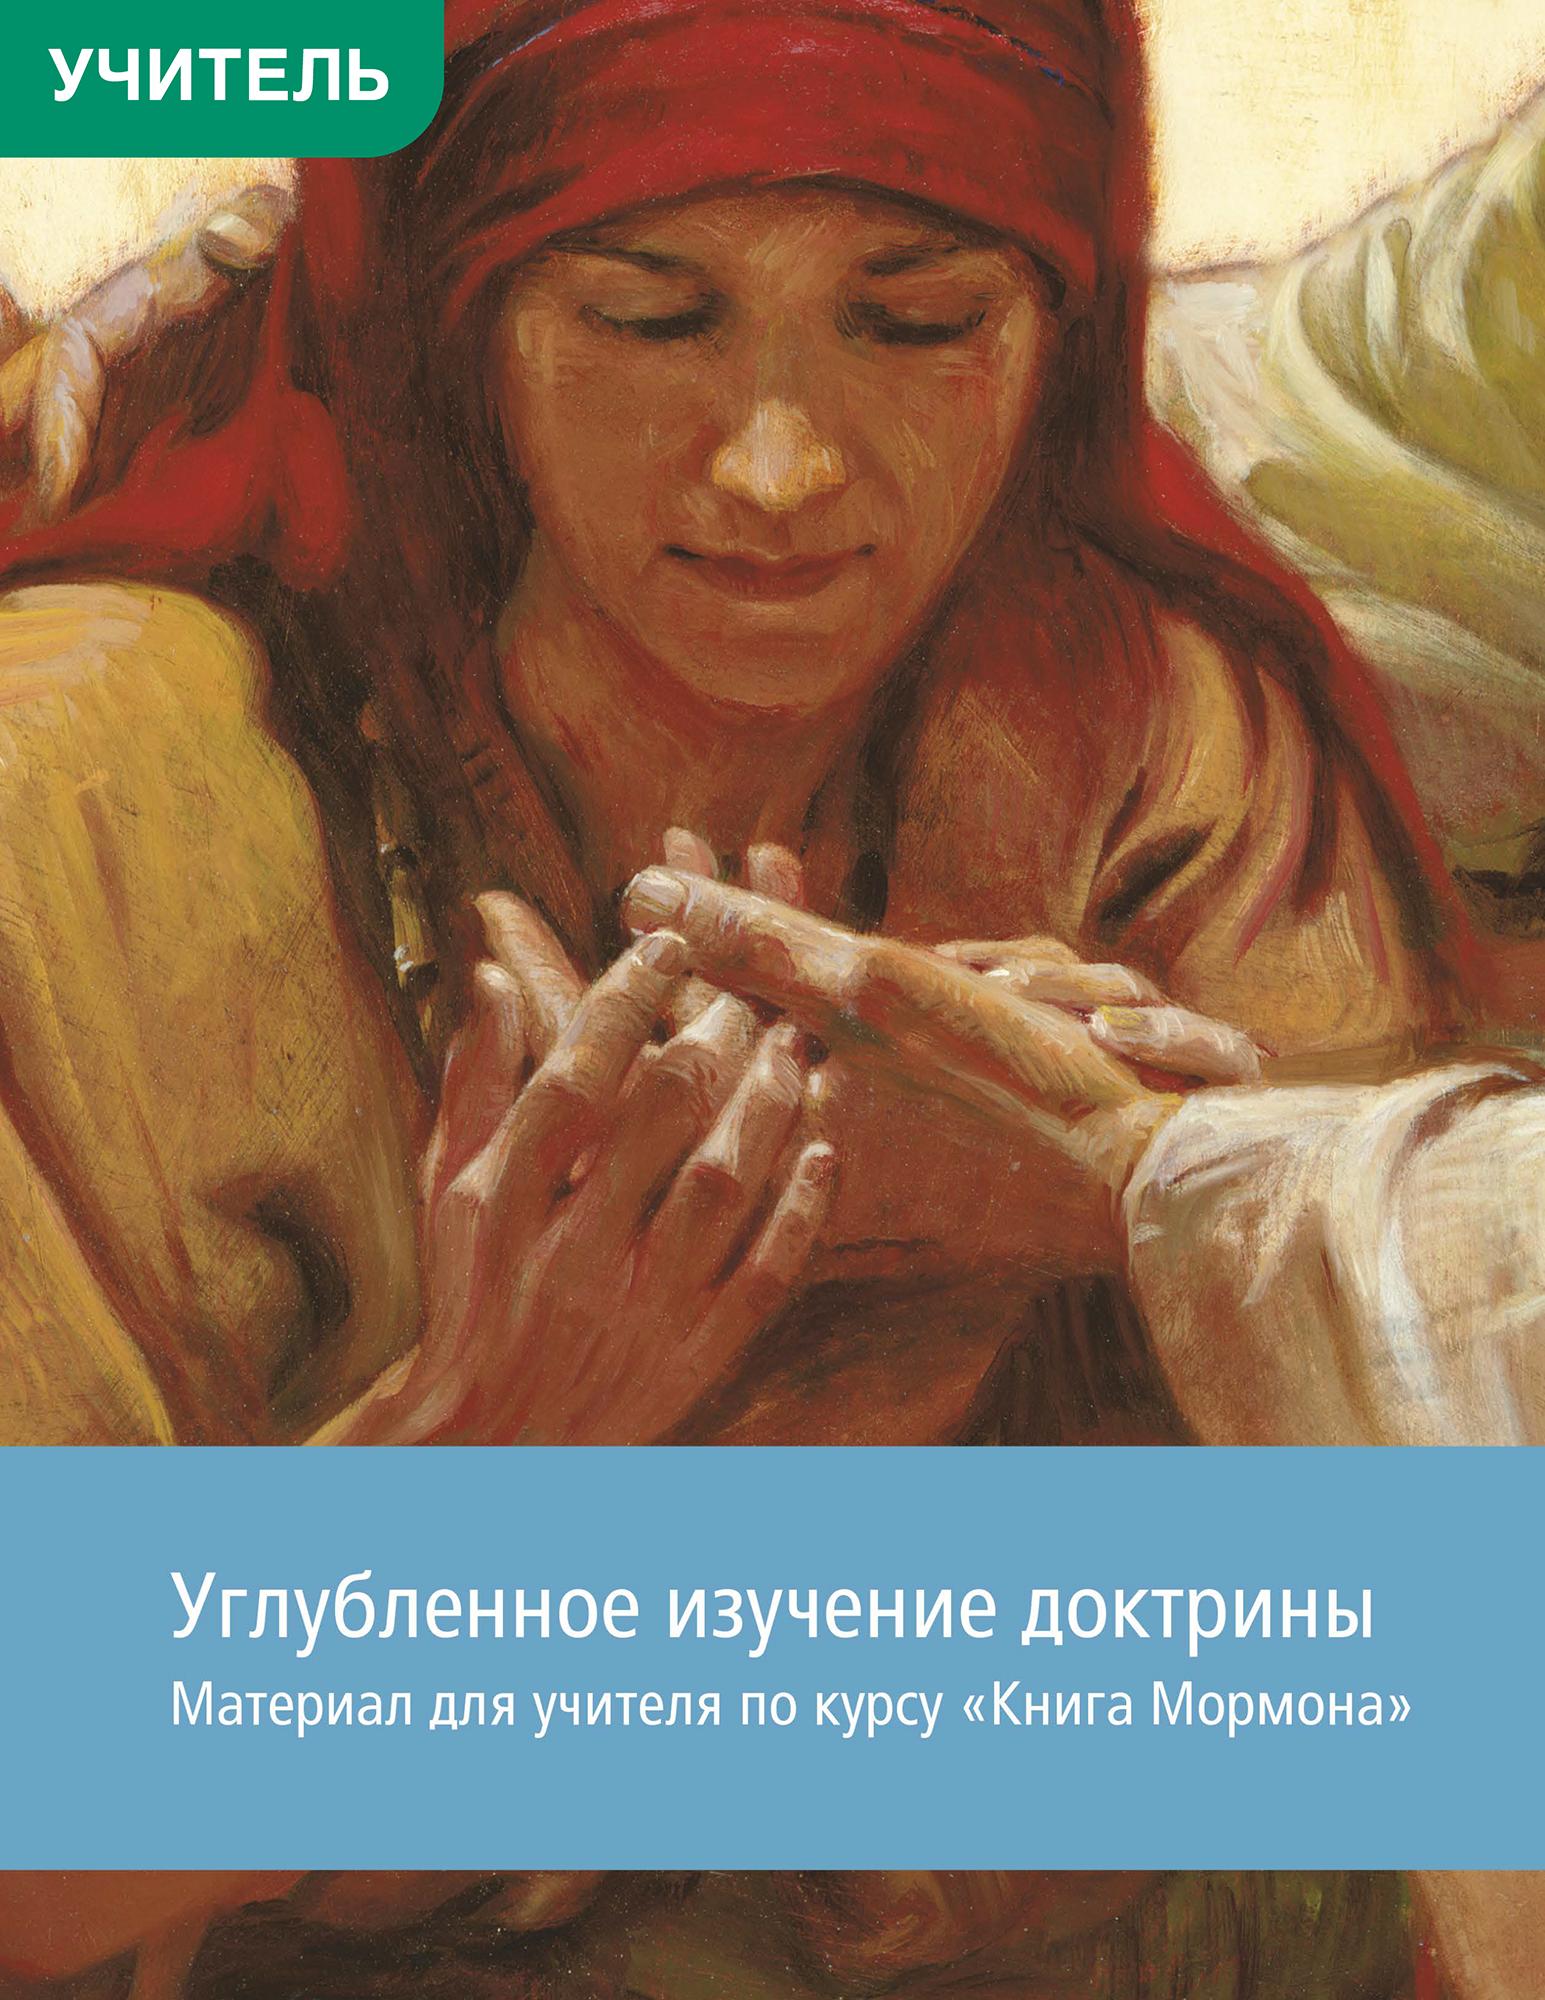 Углубленное изучение доктрины. Материалы для учителя по курсу «Книга Мормона»